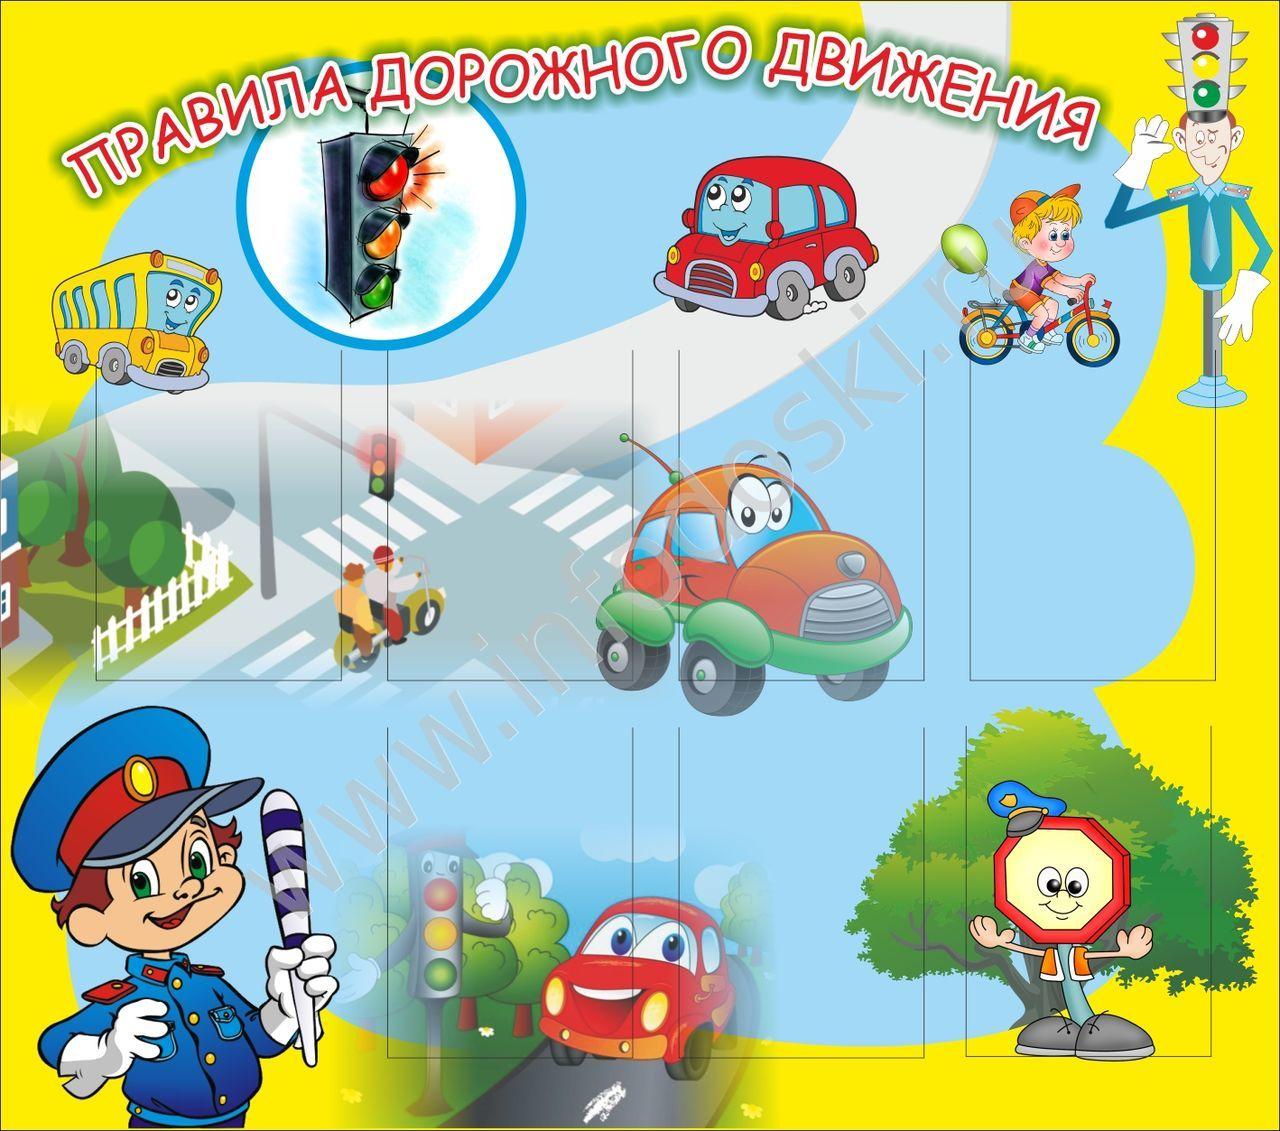 Правила дорожного движения для детского сада с картинками